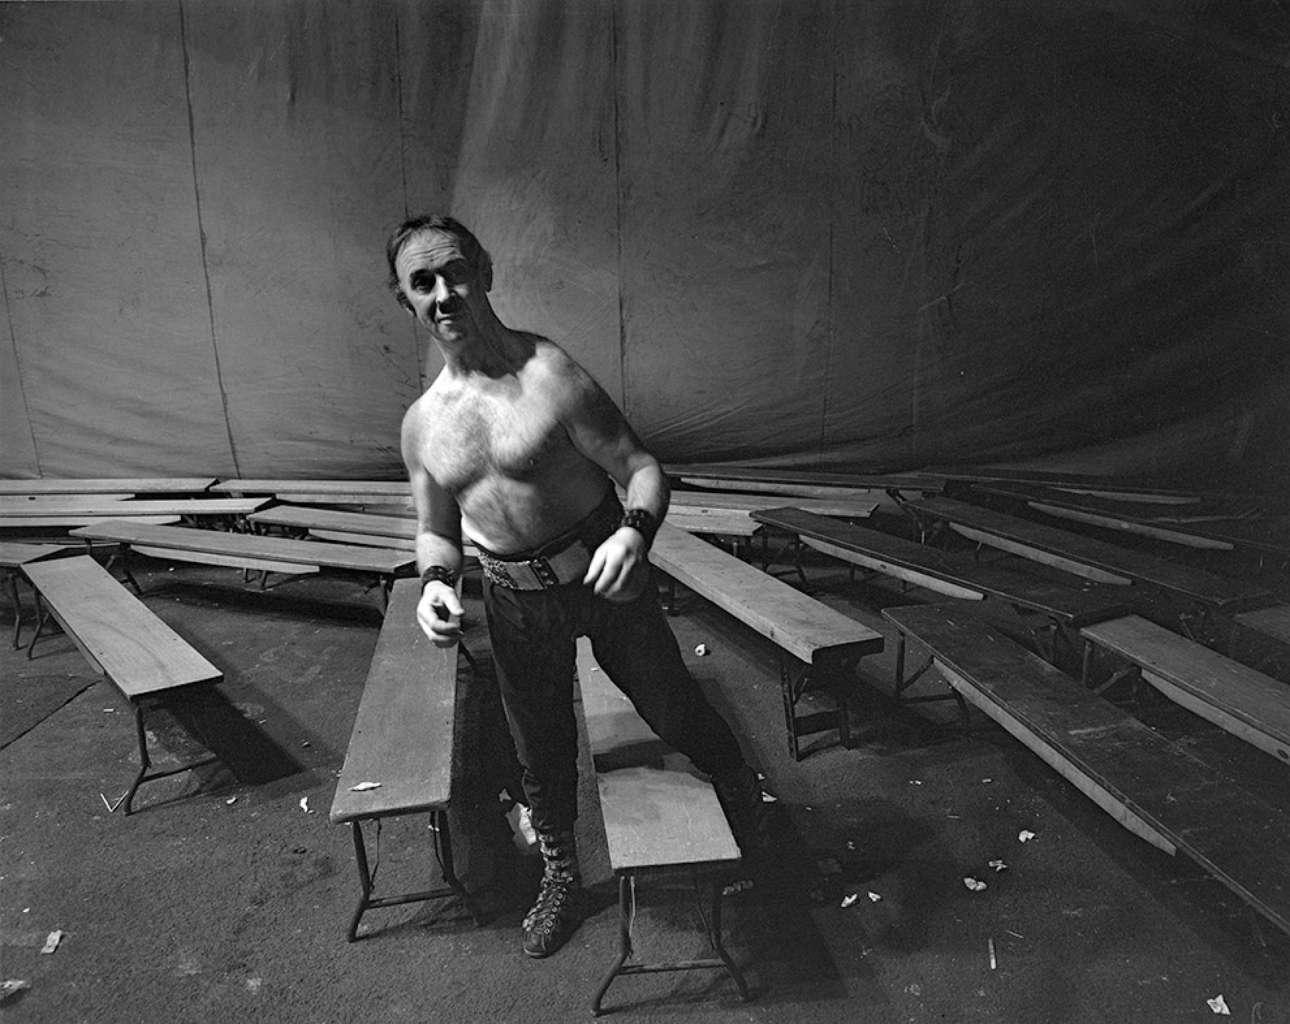 Ο Αρκο Γουίσιπς του τσίρκου Queens Hall στο Λιντς της Βρετανίας, το 1971